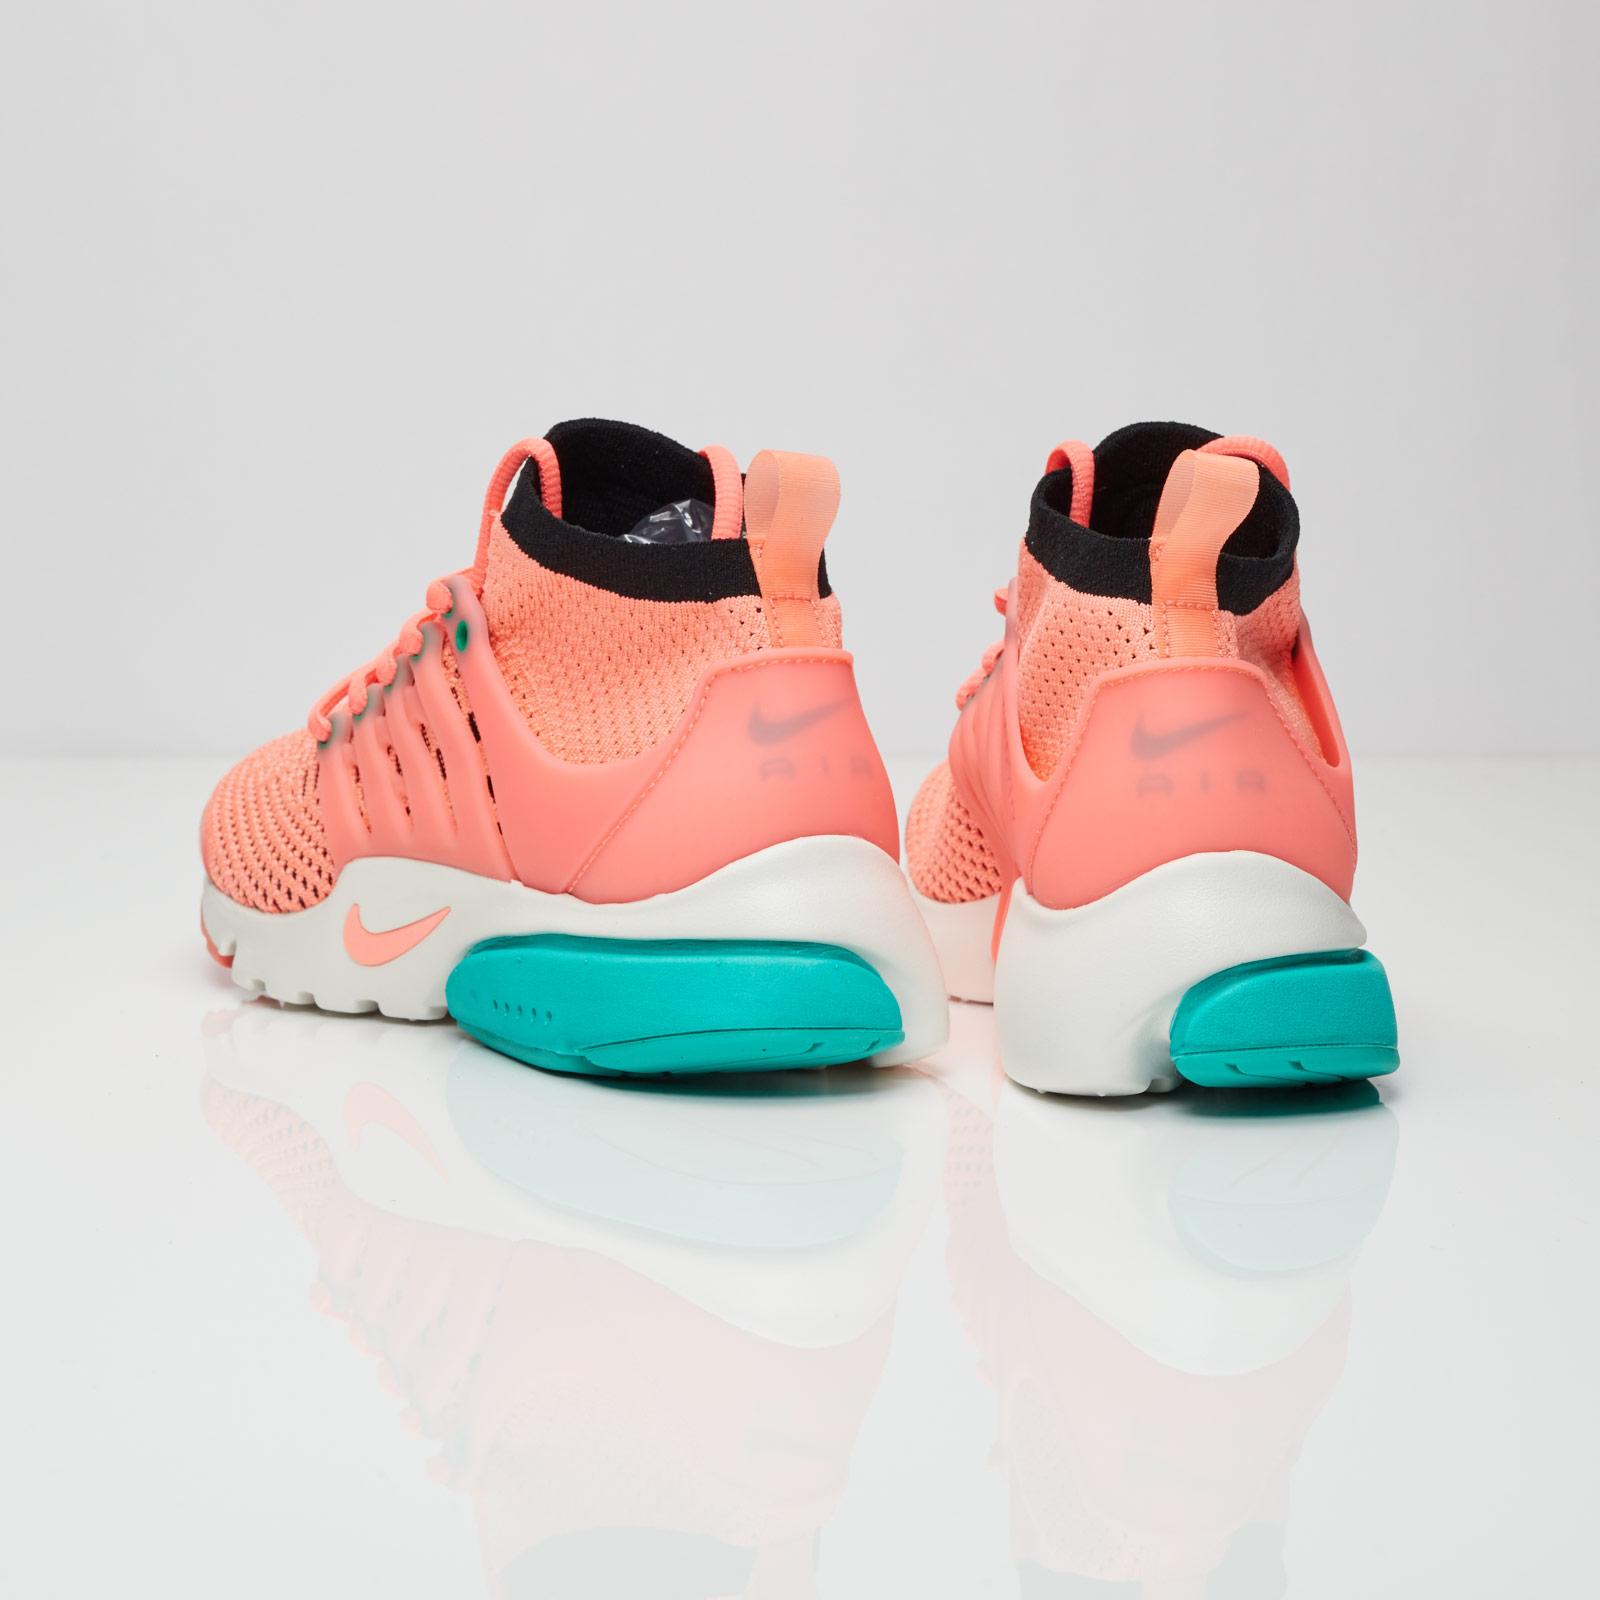 info for 4c4b3 6d1b9 Nike Wmns Air Presto Flyknit Ultra - 835738-600 - Sneakersnstuff   sneakers    streetwear online since 1999